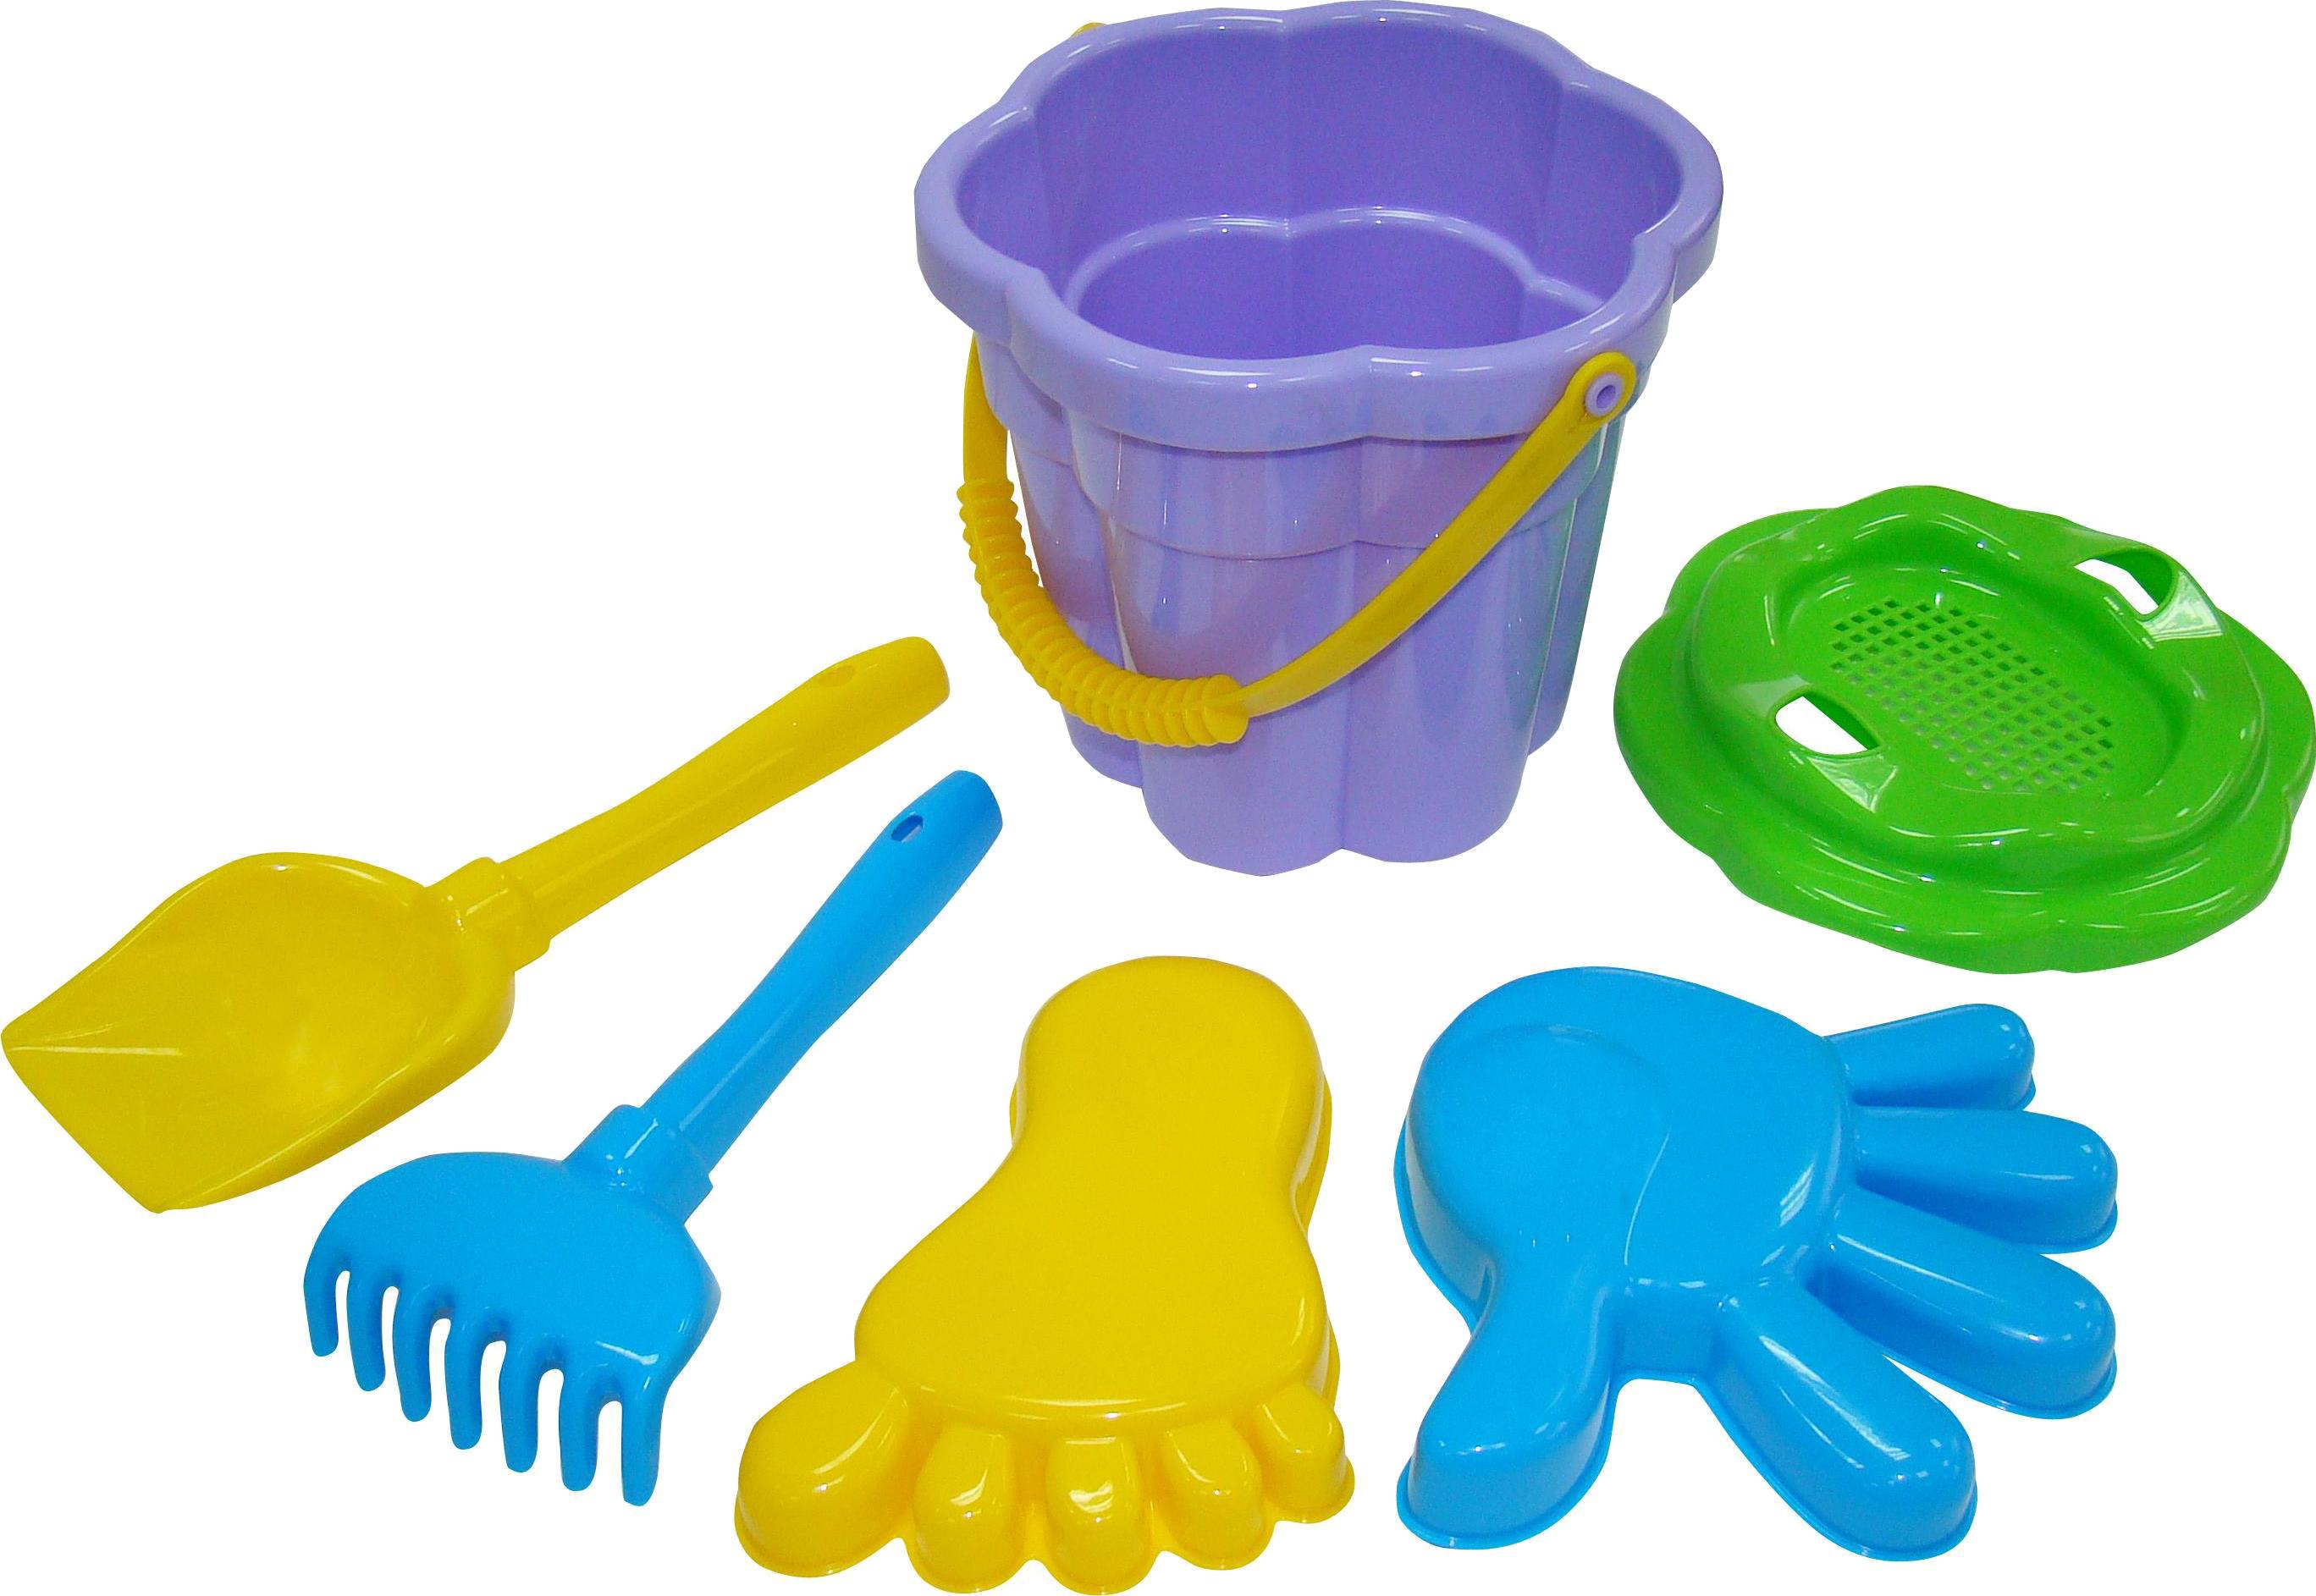 Игрушки для песка Полесье № 308 набор для игры с песком полесье n262